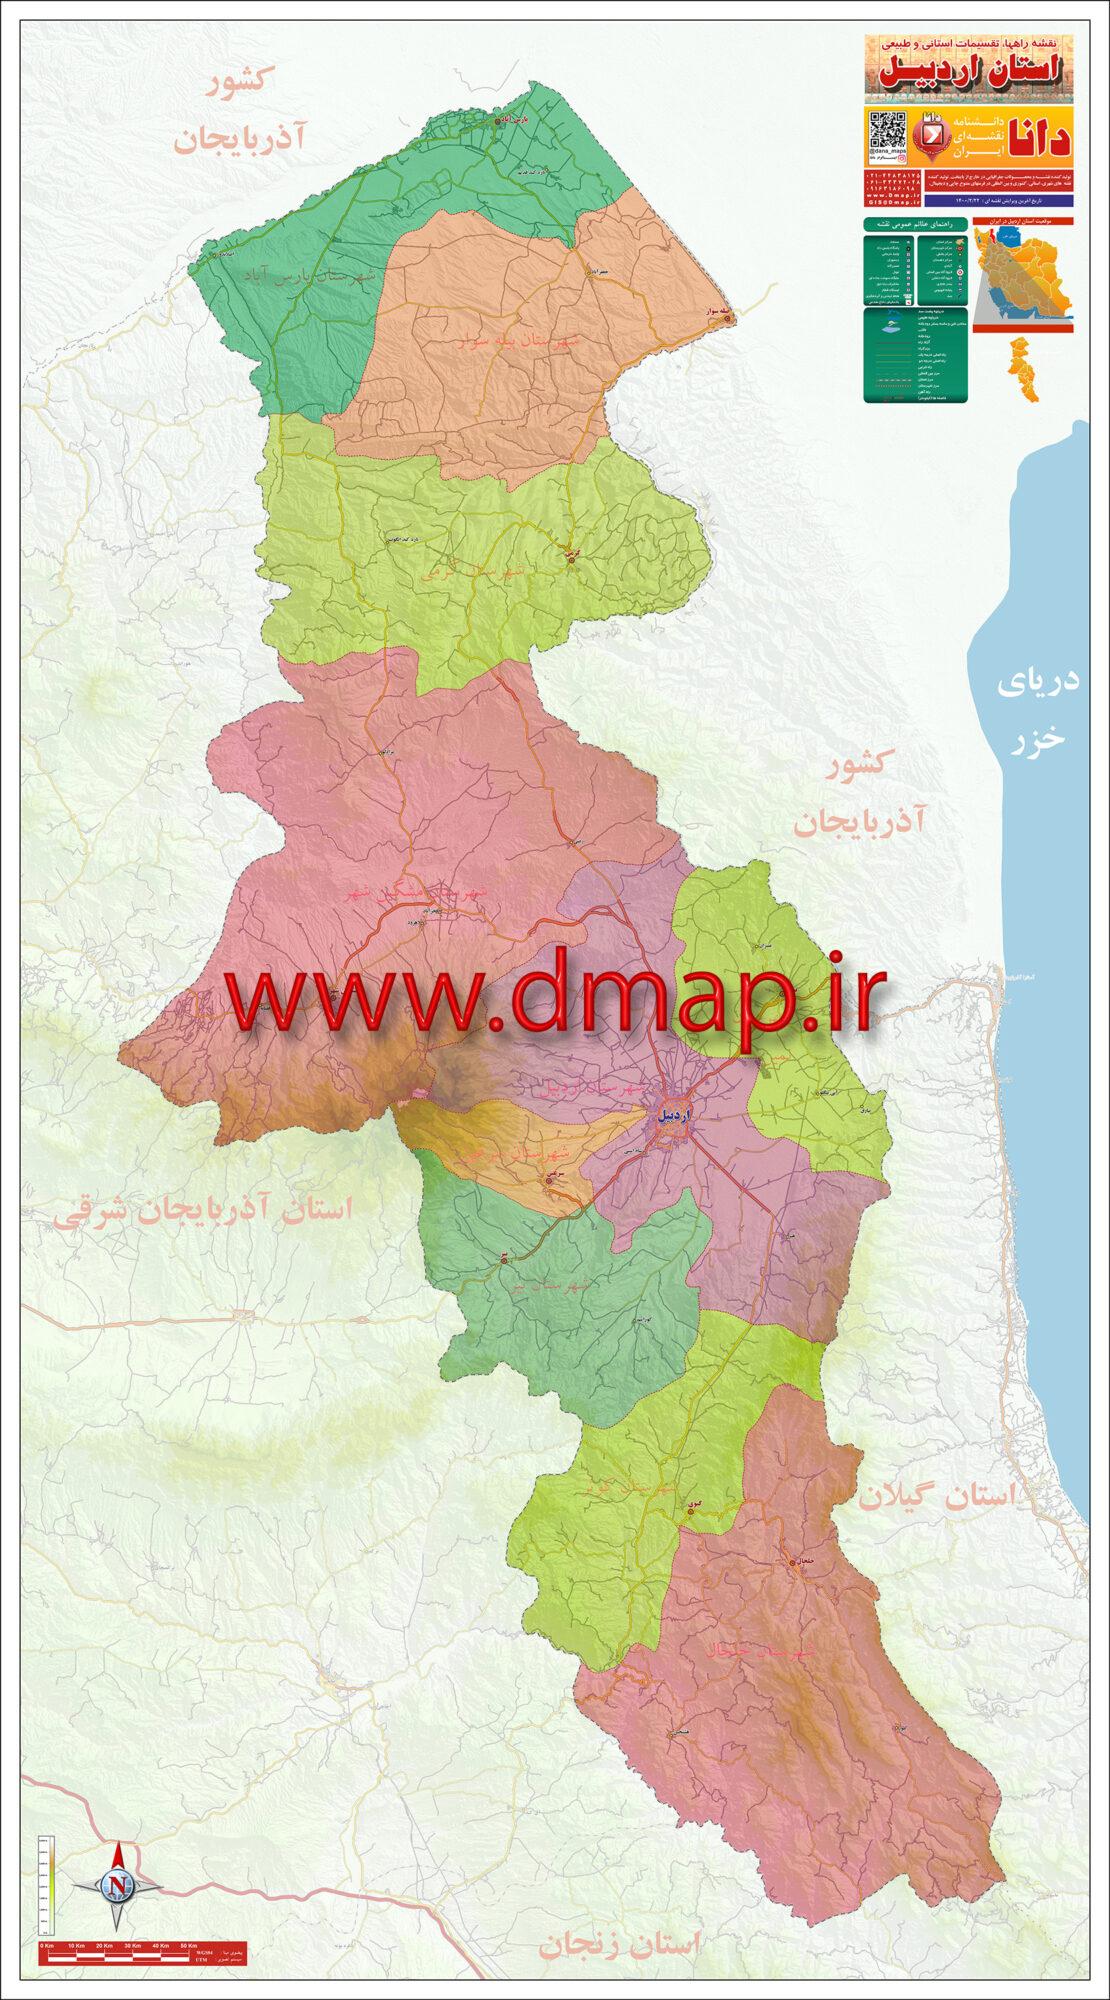 نقشه مدیریتی استان اردبیل